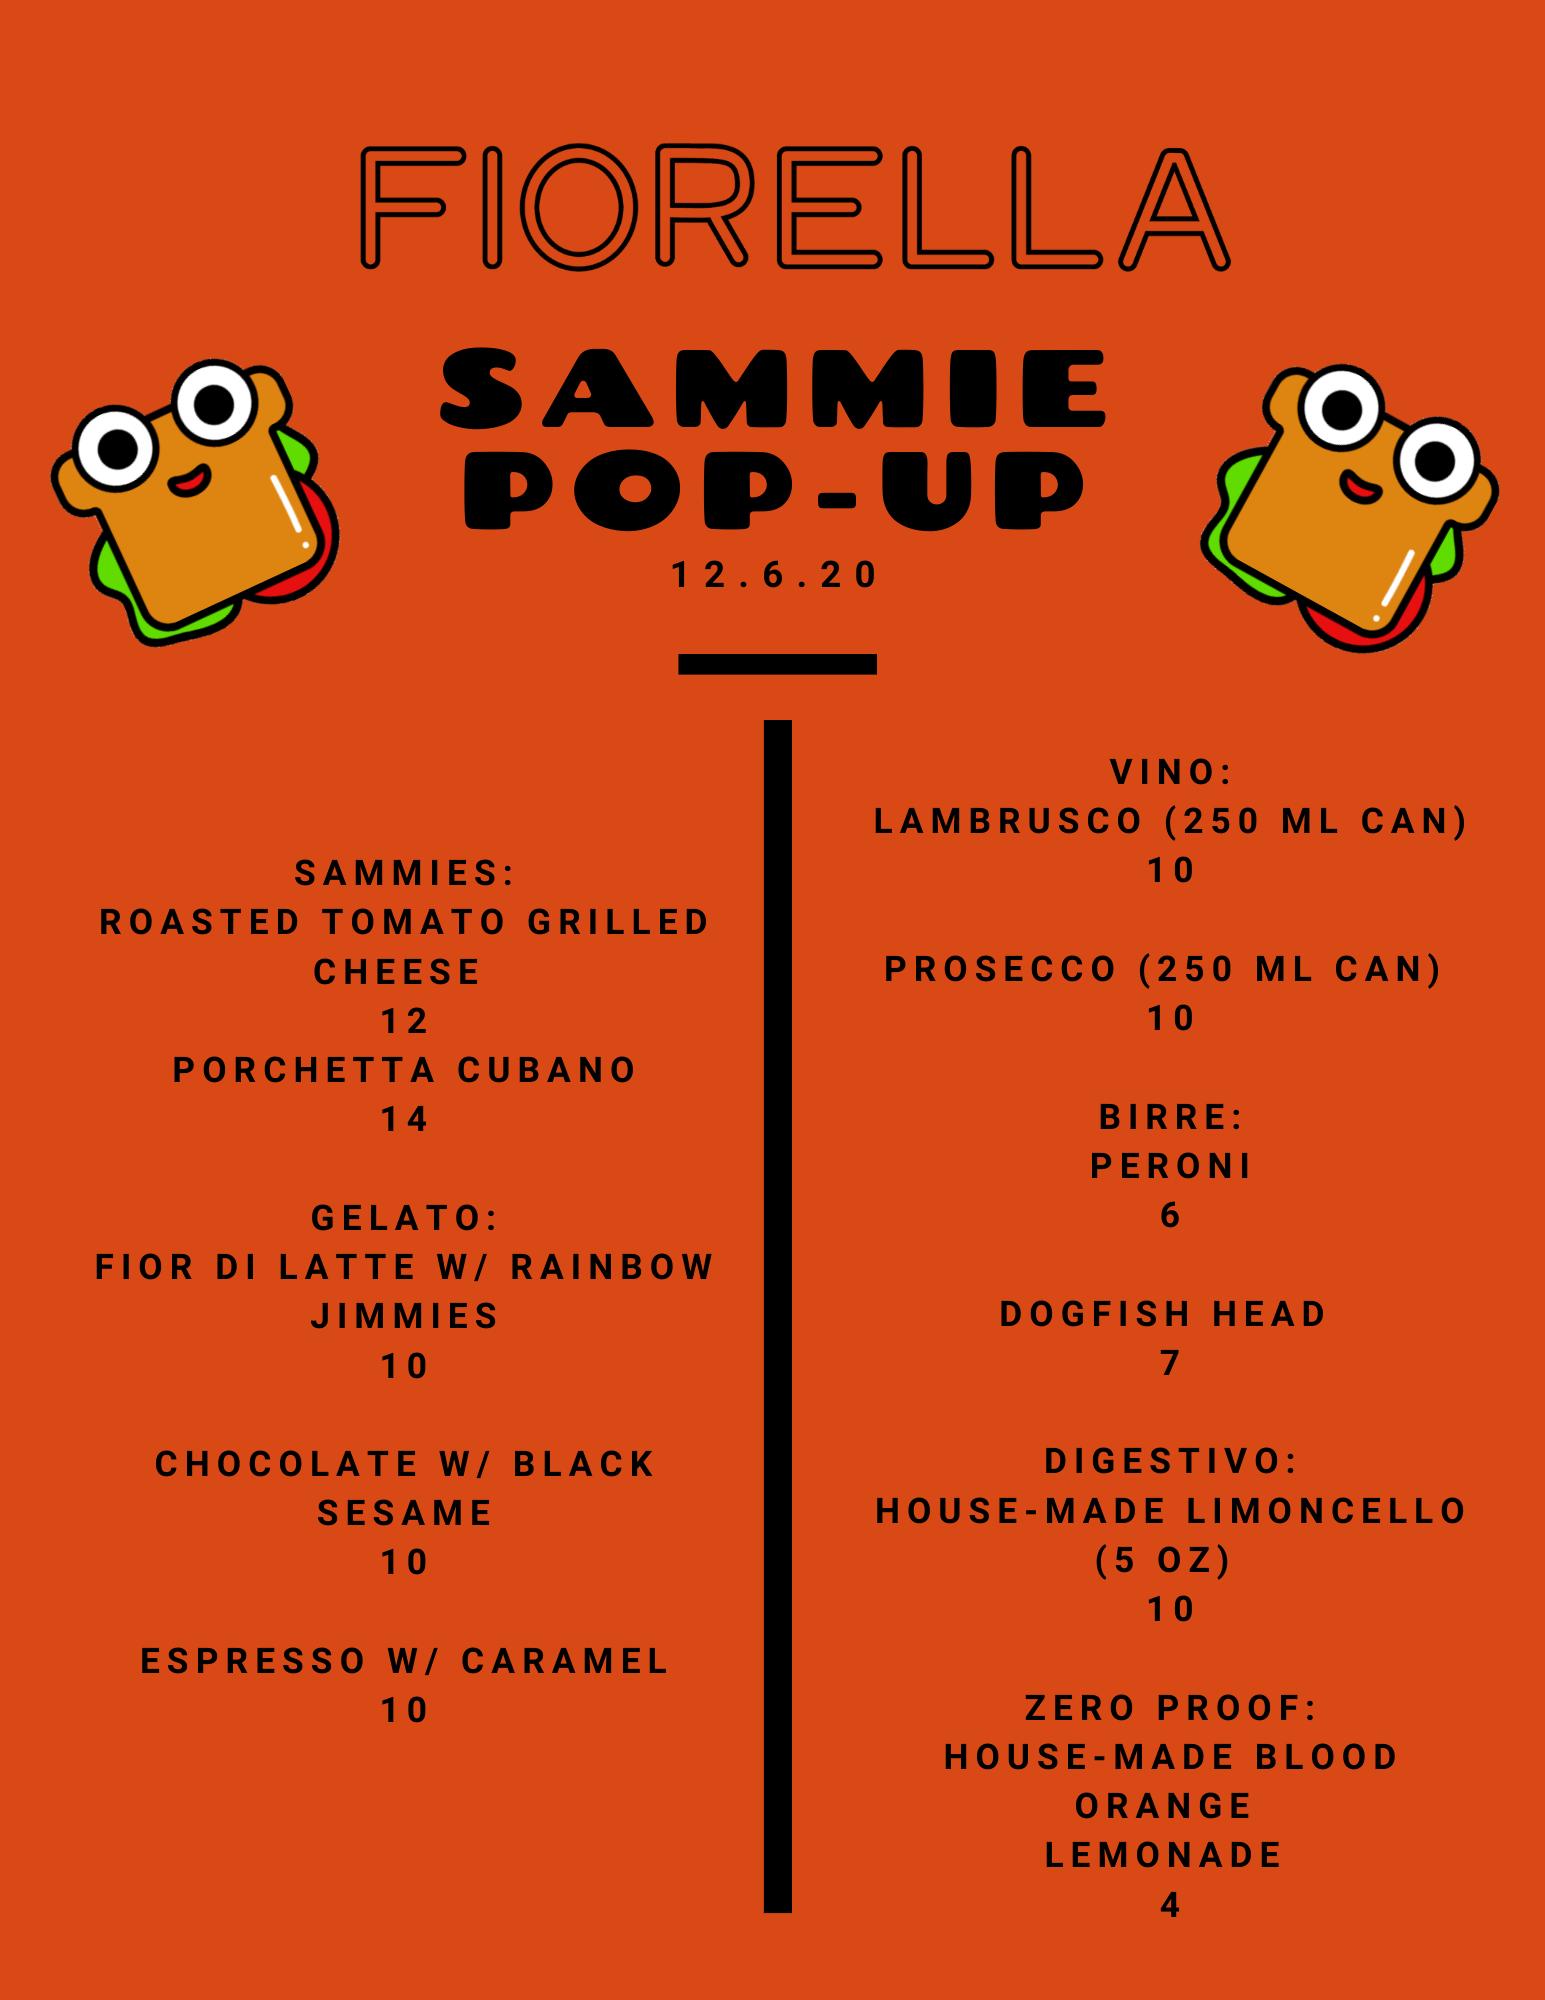 SAMMIE POP-UP